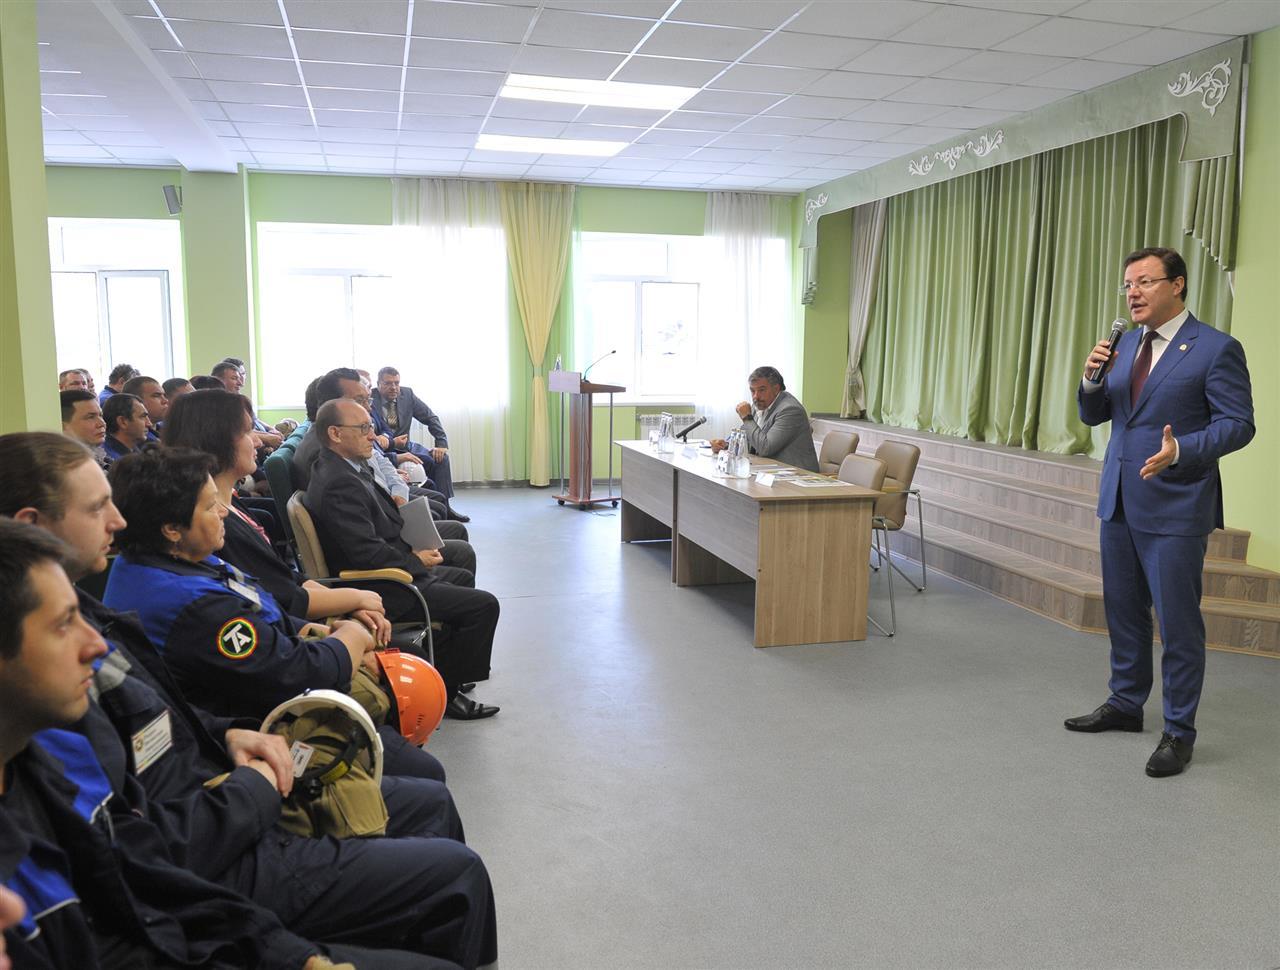 Дмитрий Азаров обсудил с трудовым коллективом «Тольяттиазота» перспективы развития предприятия